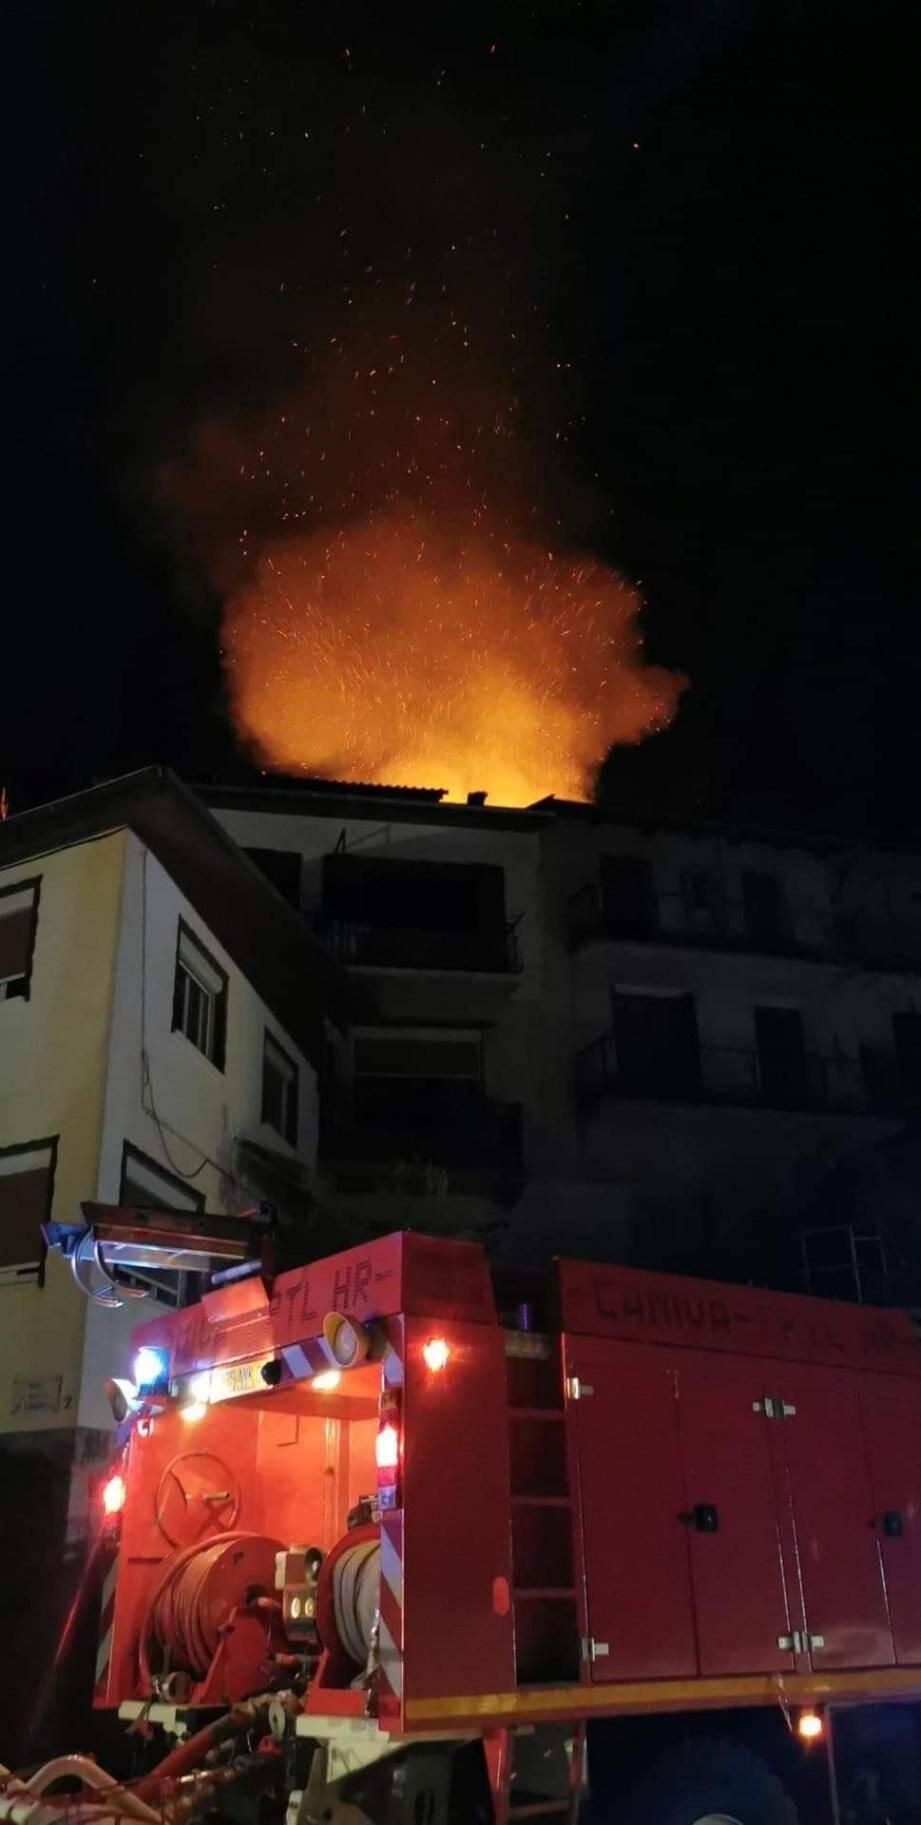 Un feu d'appartement s'est déclaré dans la nuit de lundi à mardi, dans un appartement de la rue Reine-Jeanne, à Saint-Martin-Vésubie.